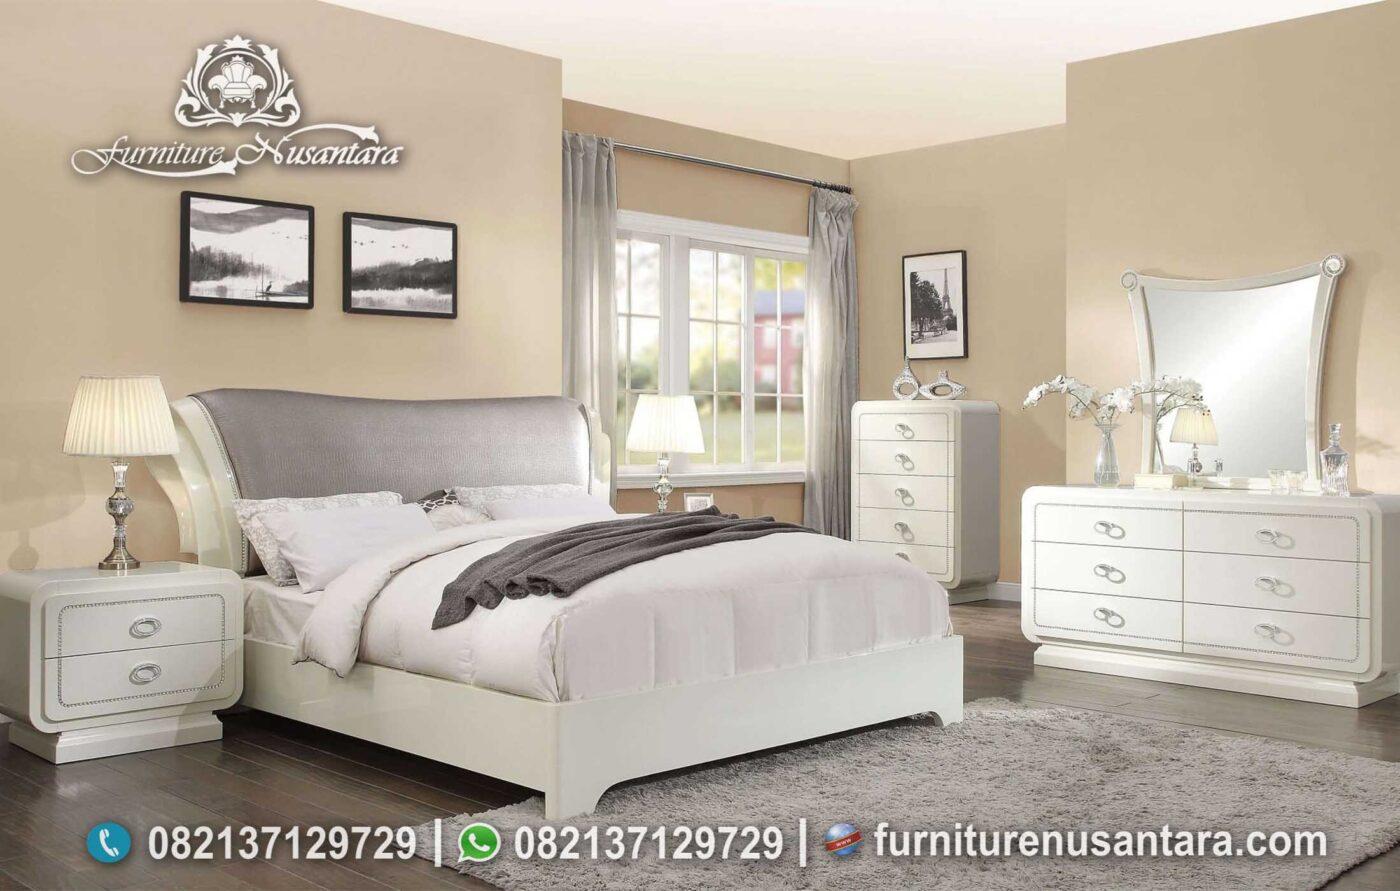 Kamar Minimalis Putih Mewah KS-82, Furniture Nusantara